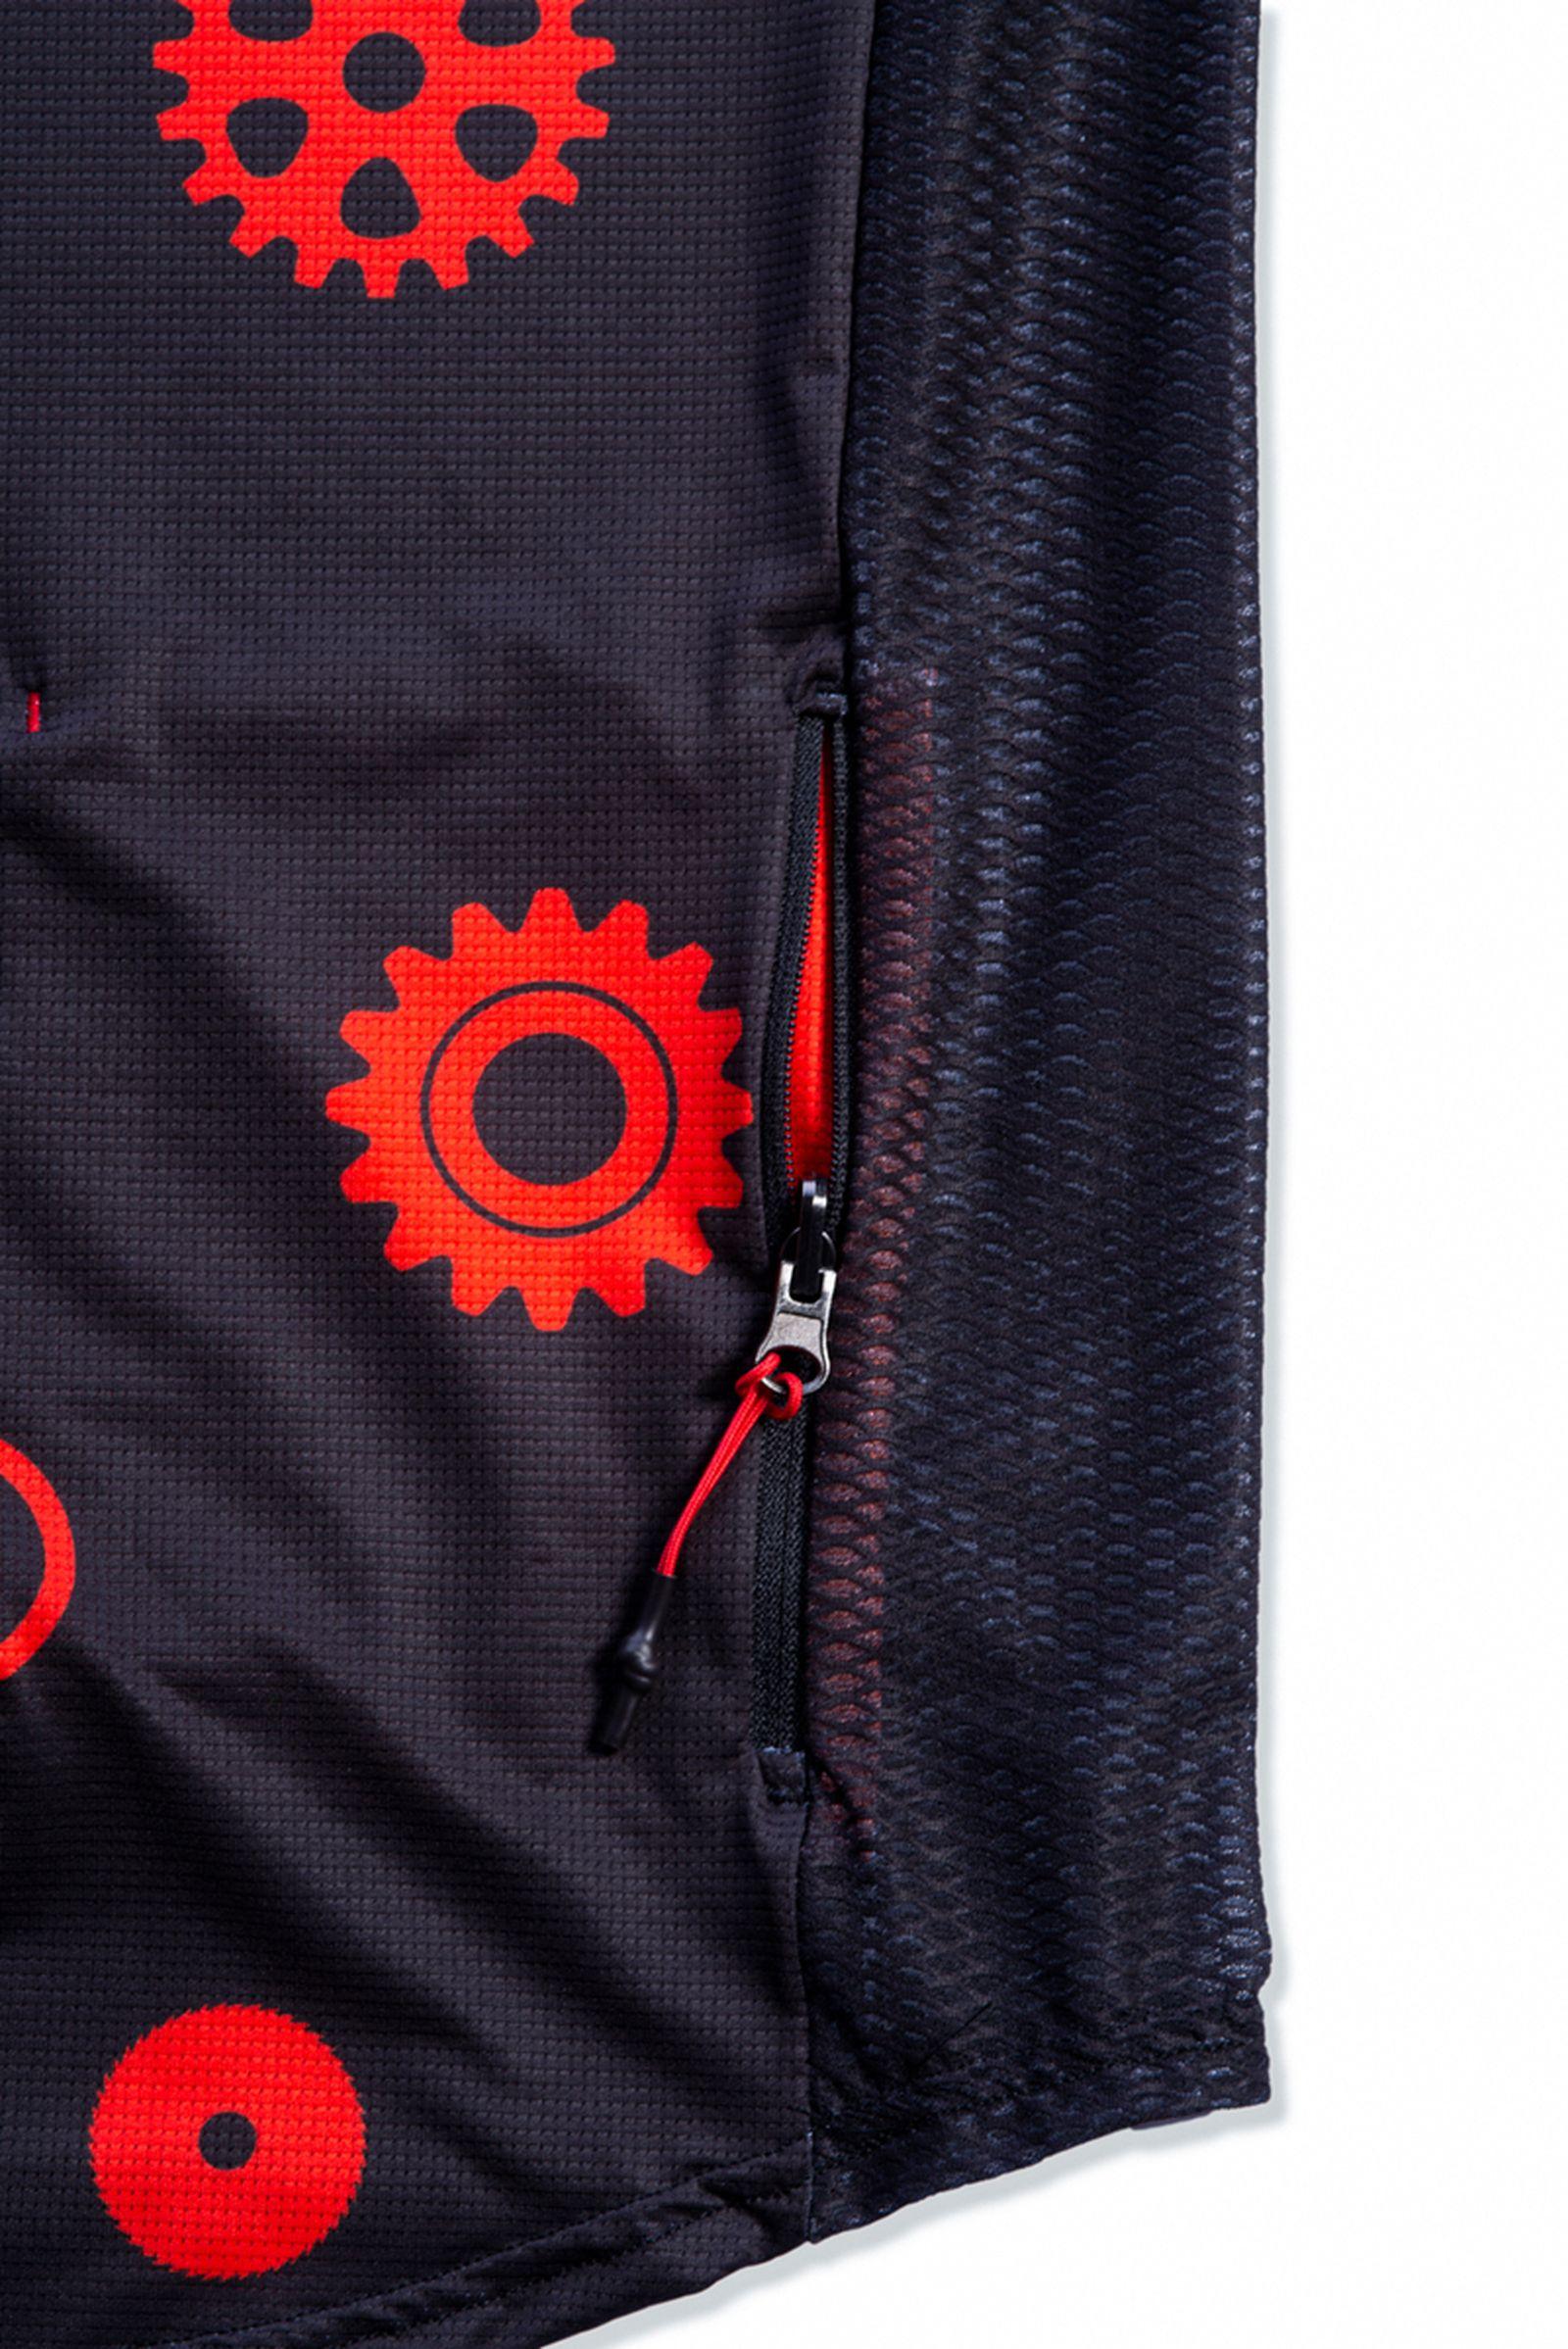 futura_cinelli-apparel-collab- (13)